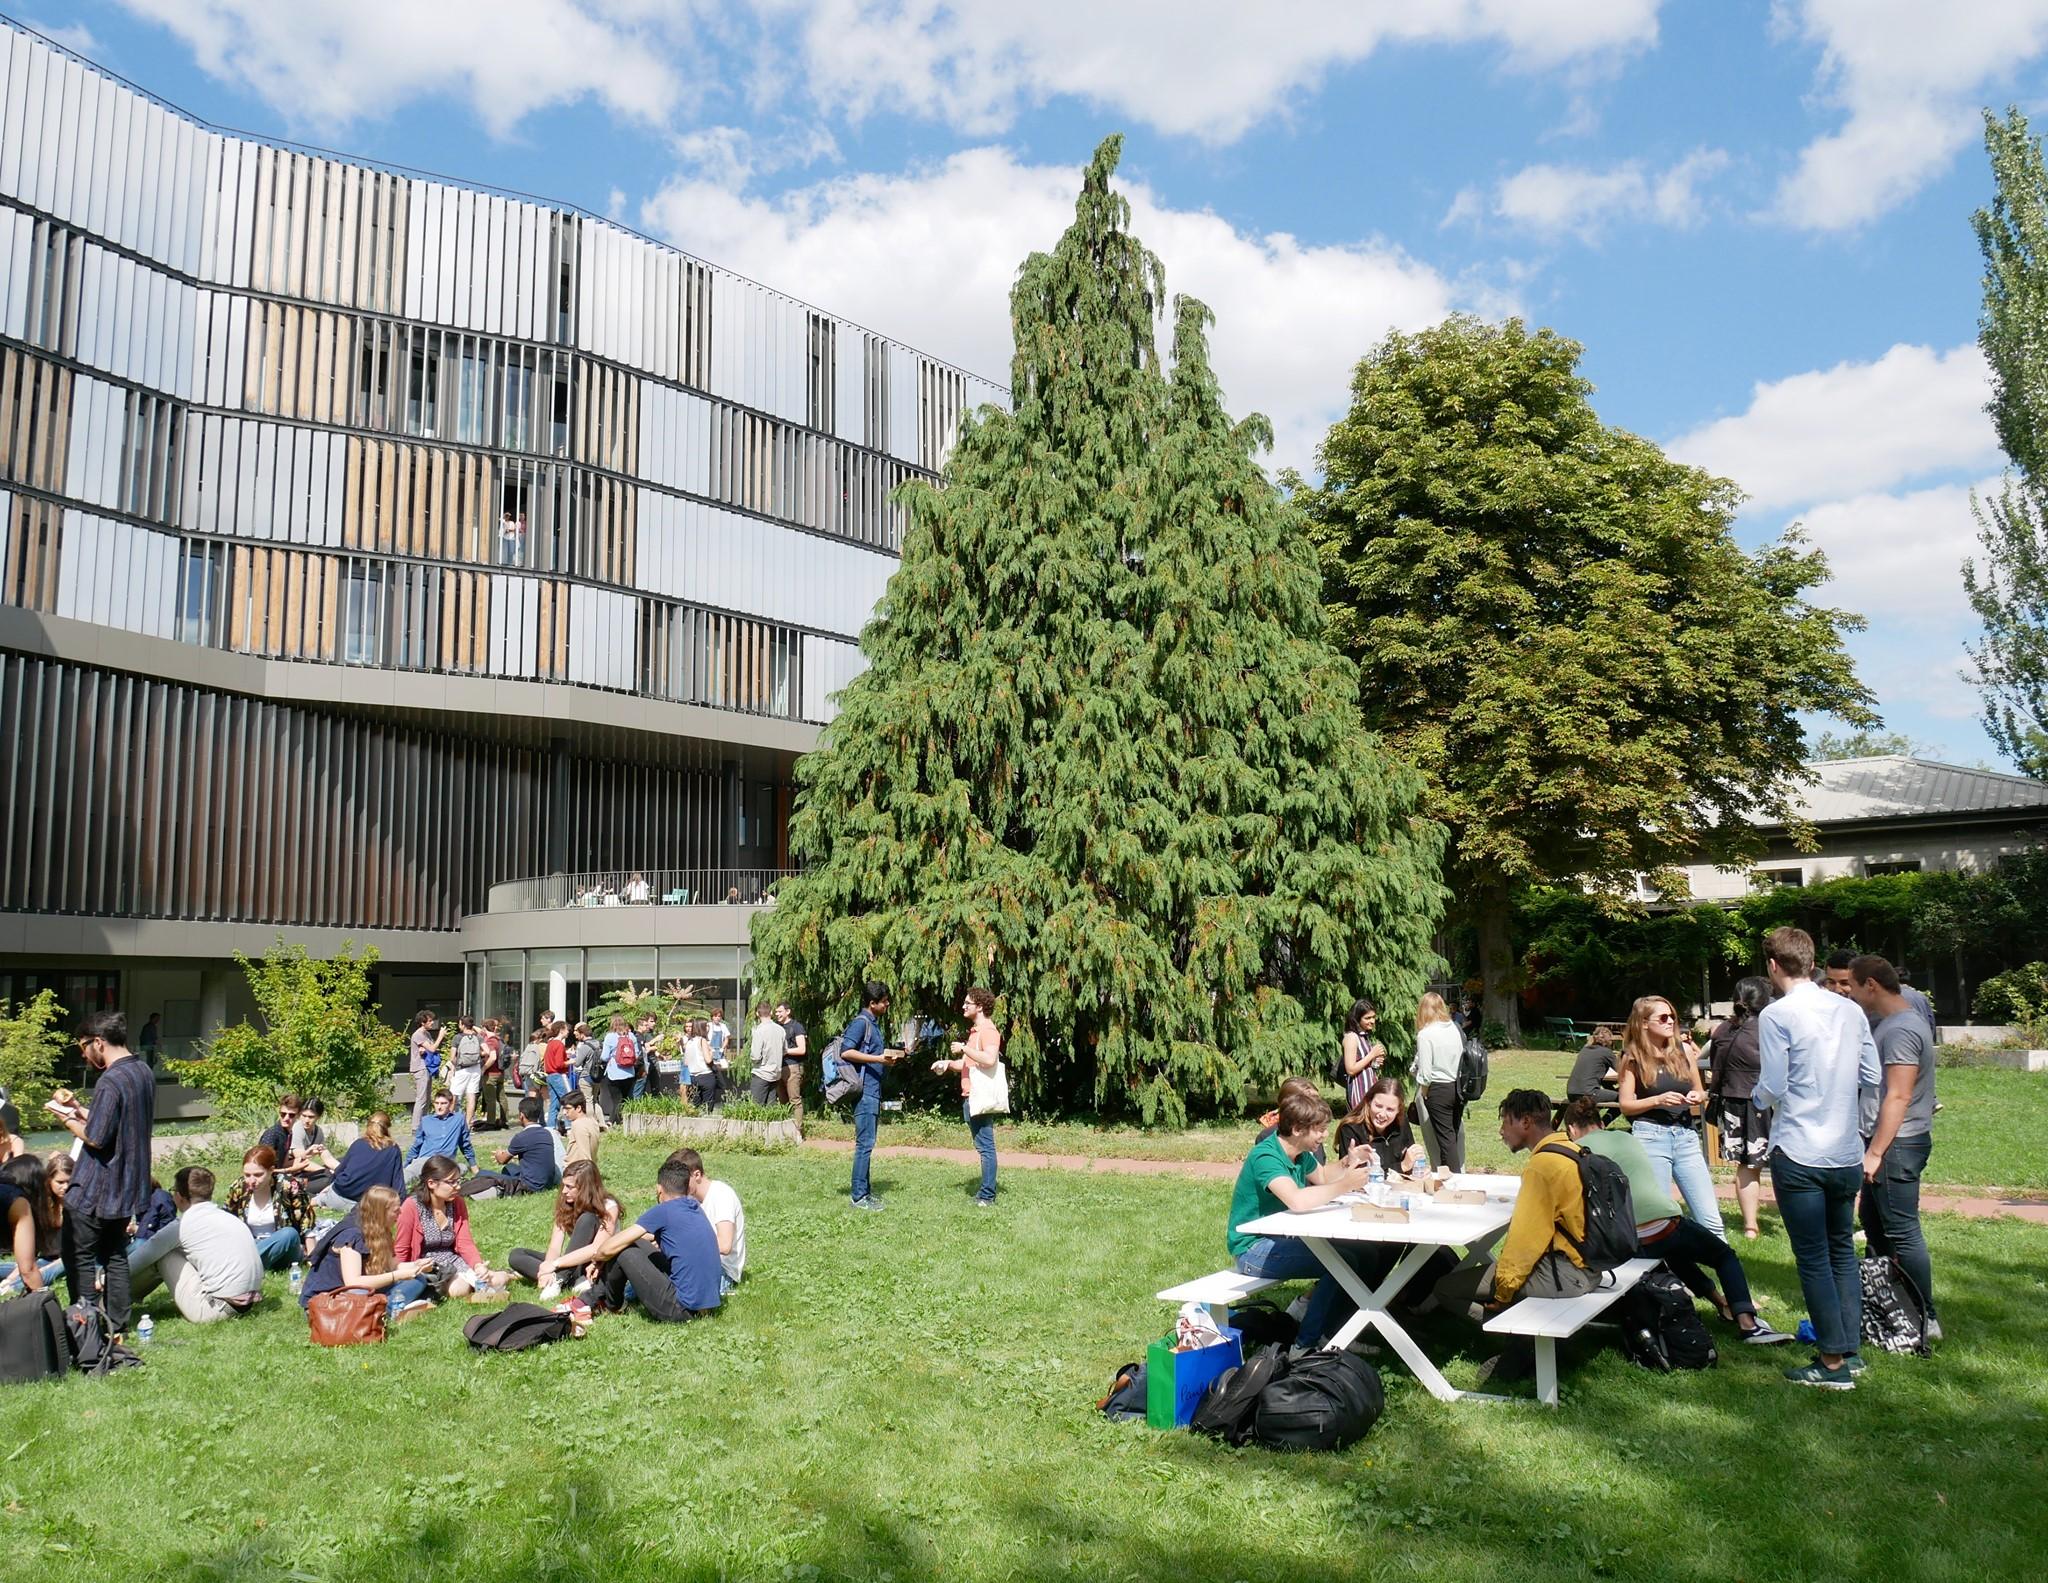 melhores-escolas-de-economi-da-europa-paris-school